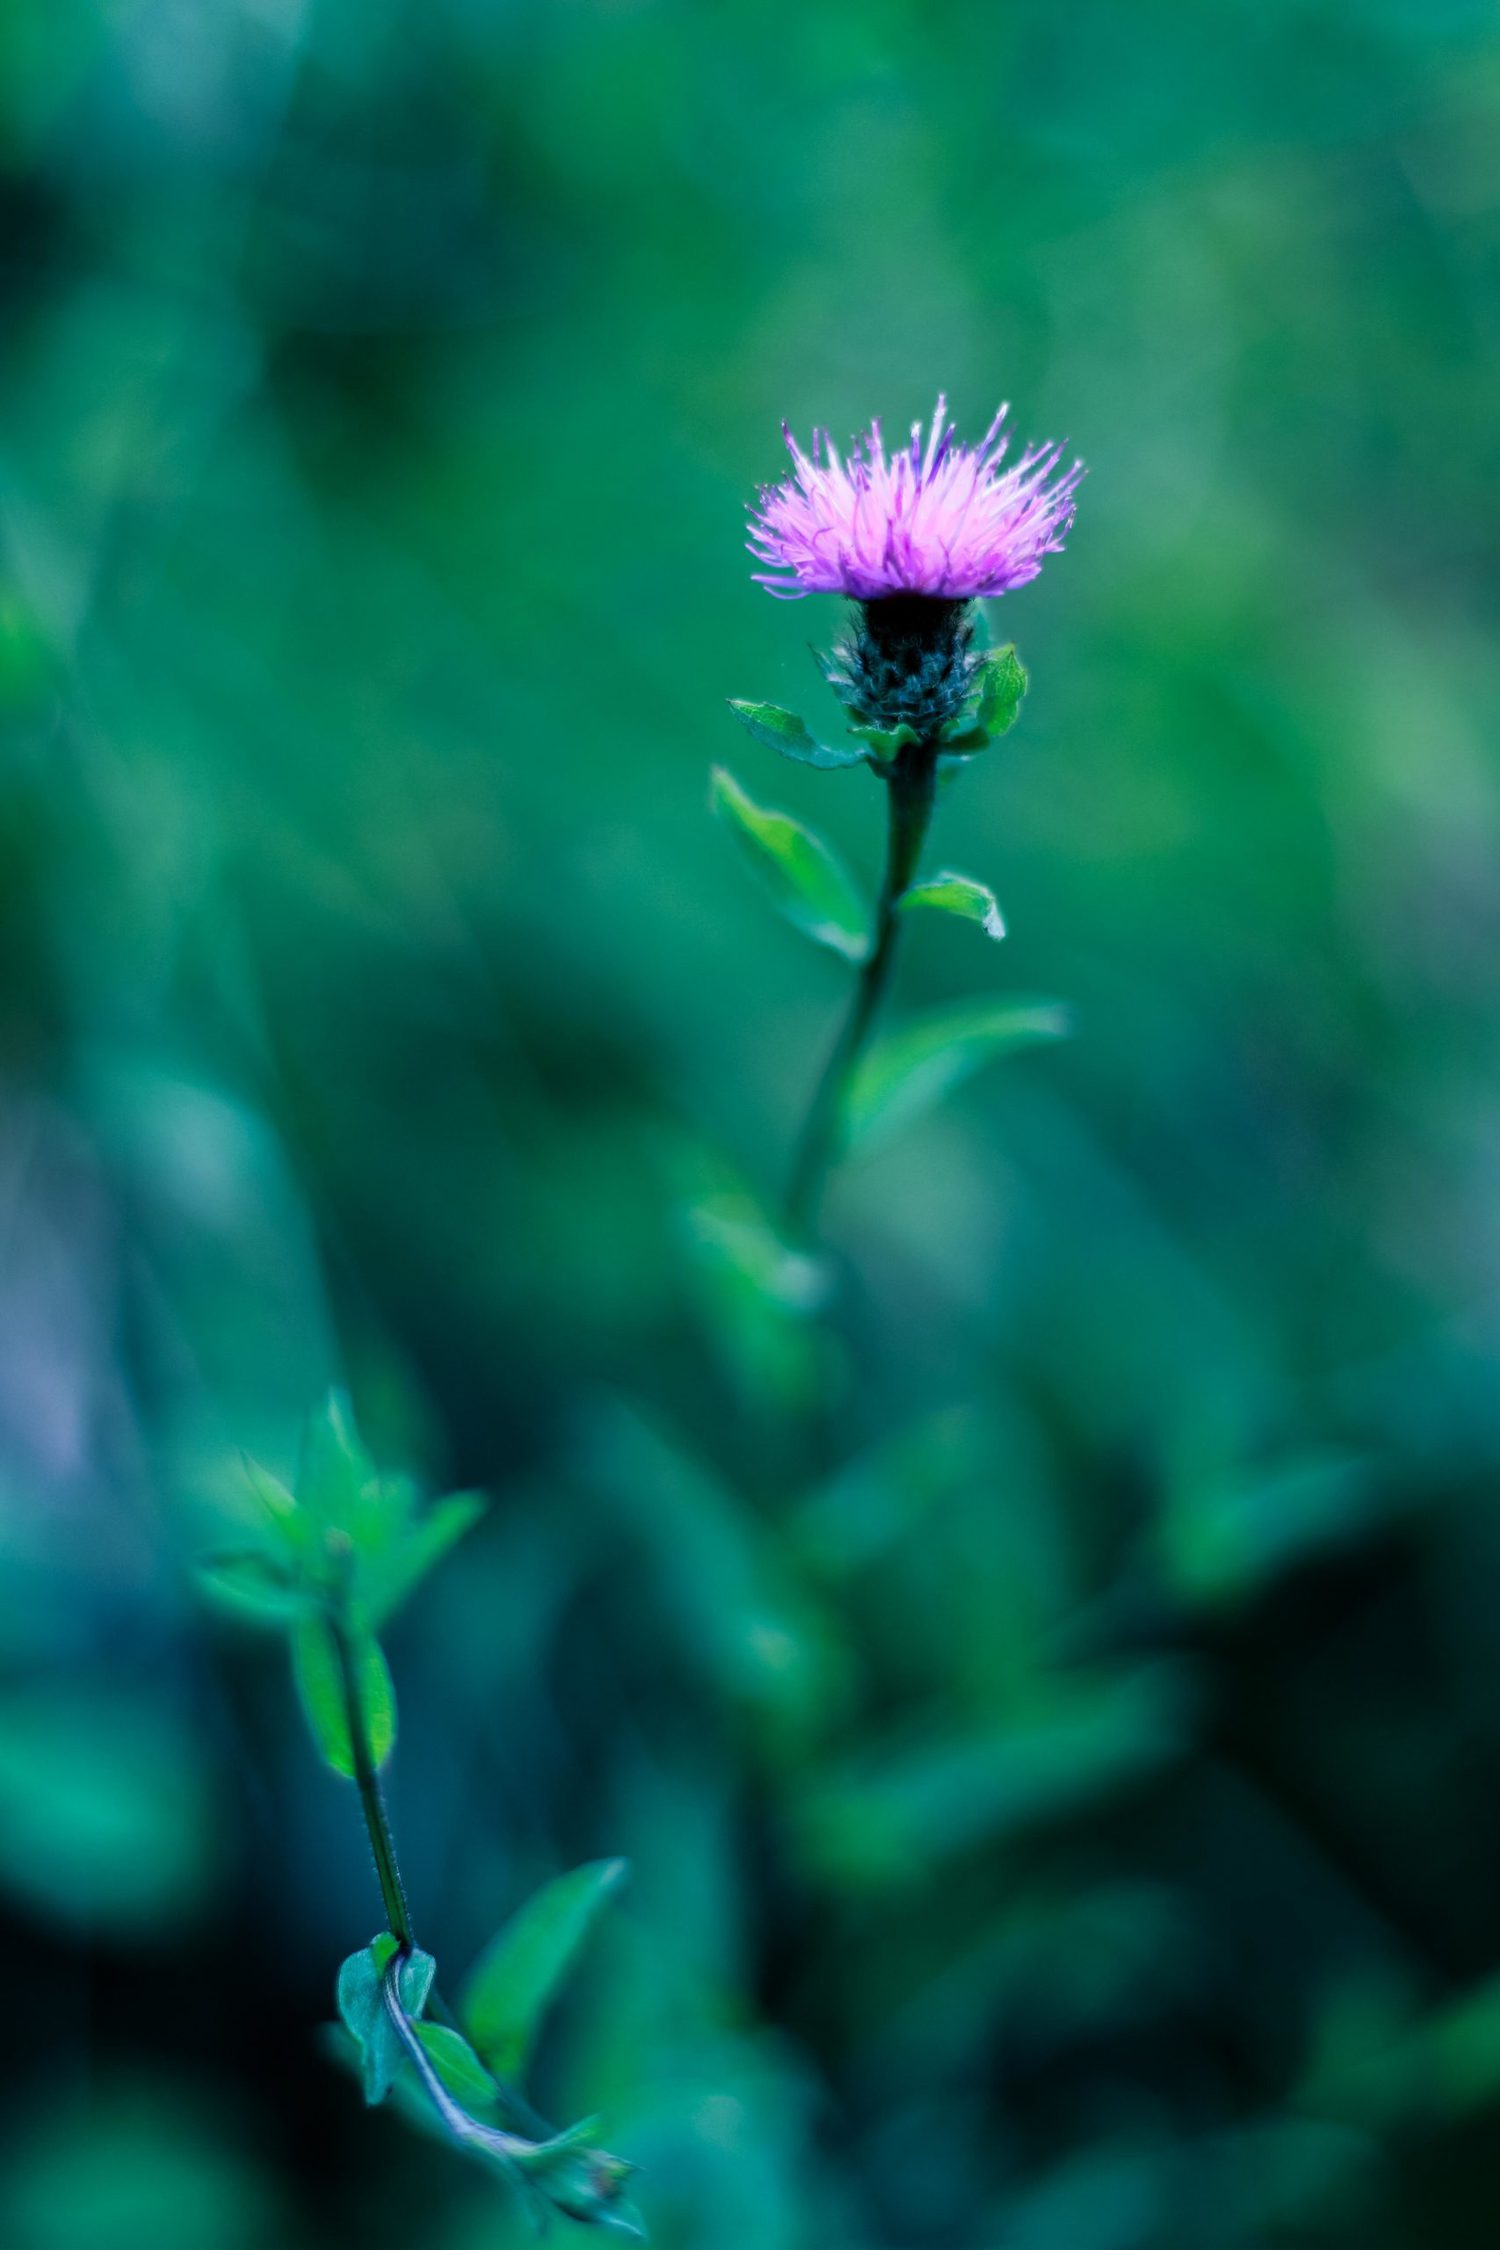 flor con desenfoque